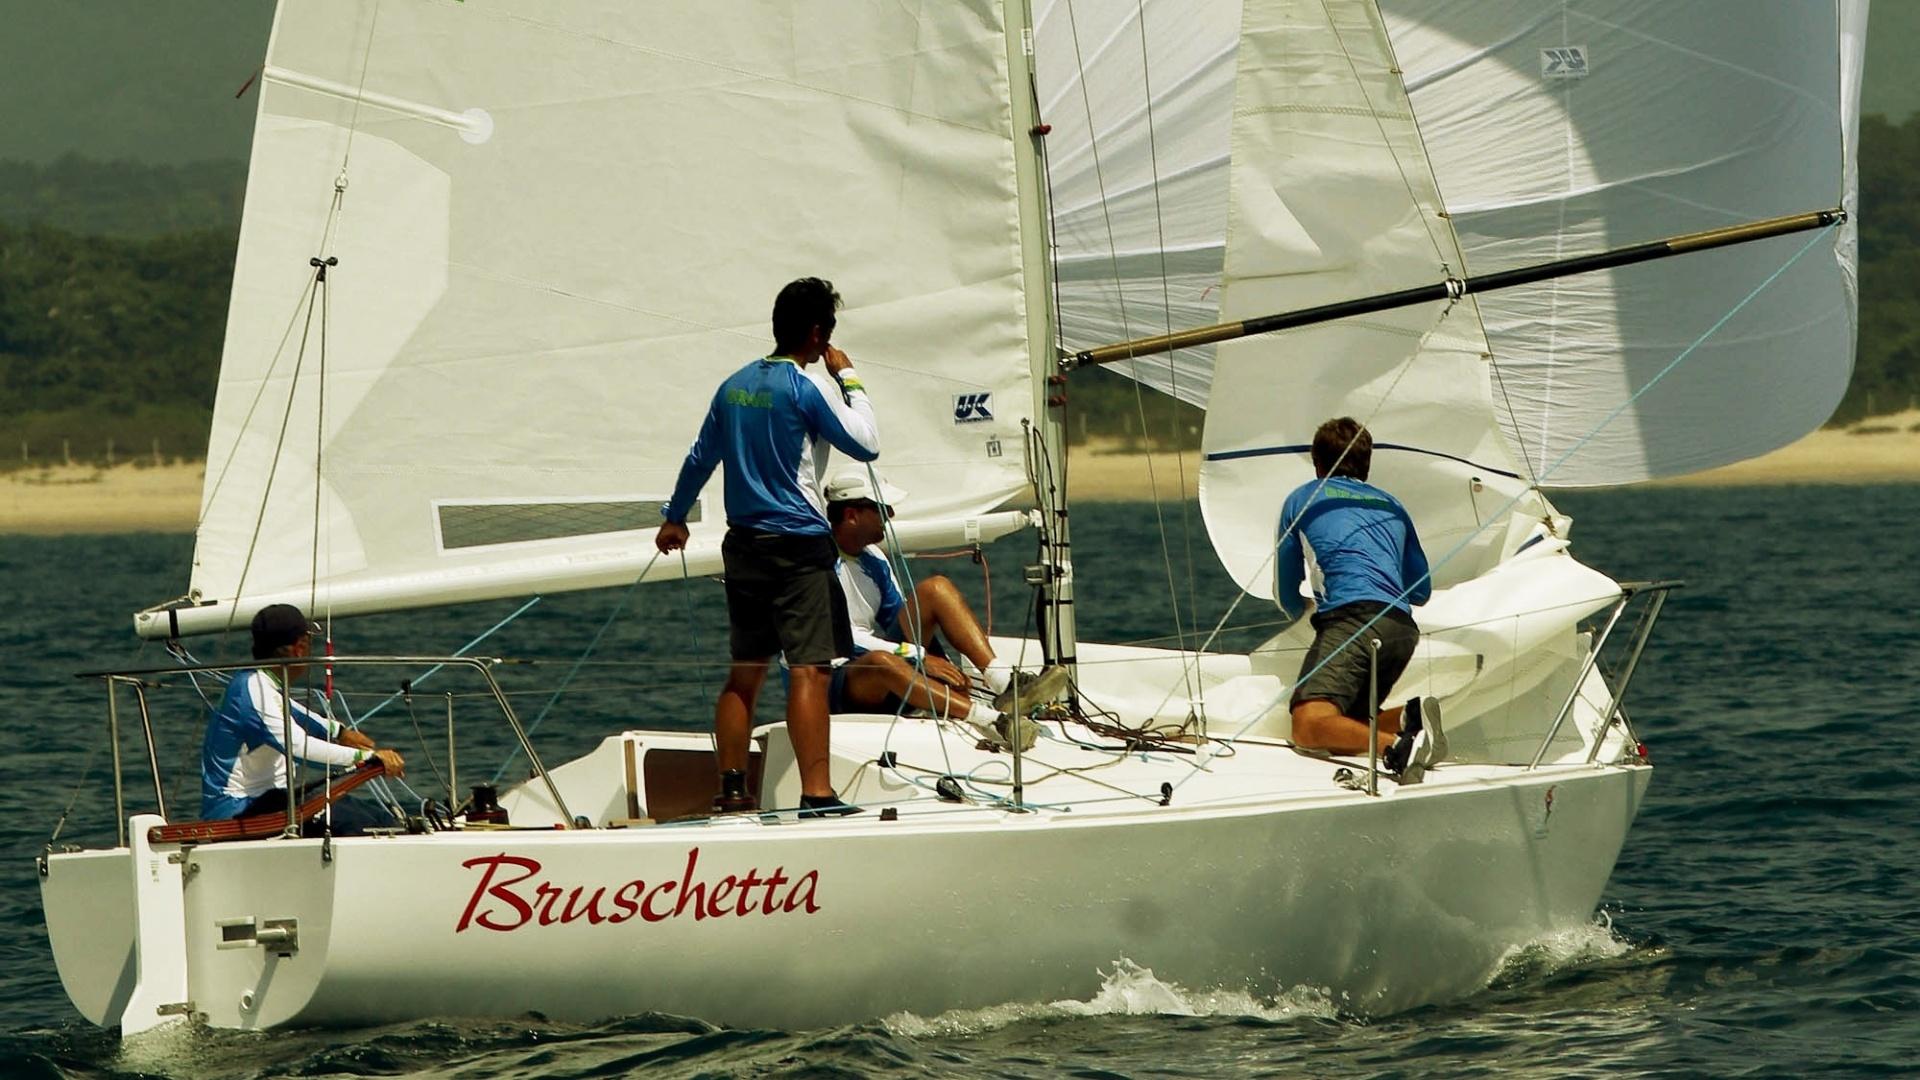 Com Alexandre Saldanha, Guilherme Hamelmann, Mauricio Oliveira e Daniel Santiago, equipe brasileira da classe J24 disputa regata dos Jogos Pan-Americanos em Puerto Vallarta (19/10/2011)